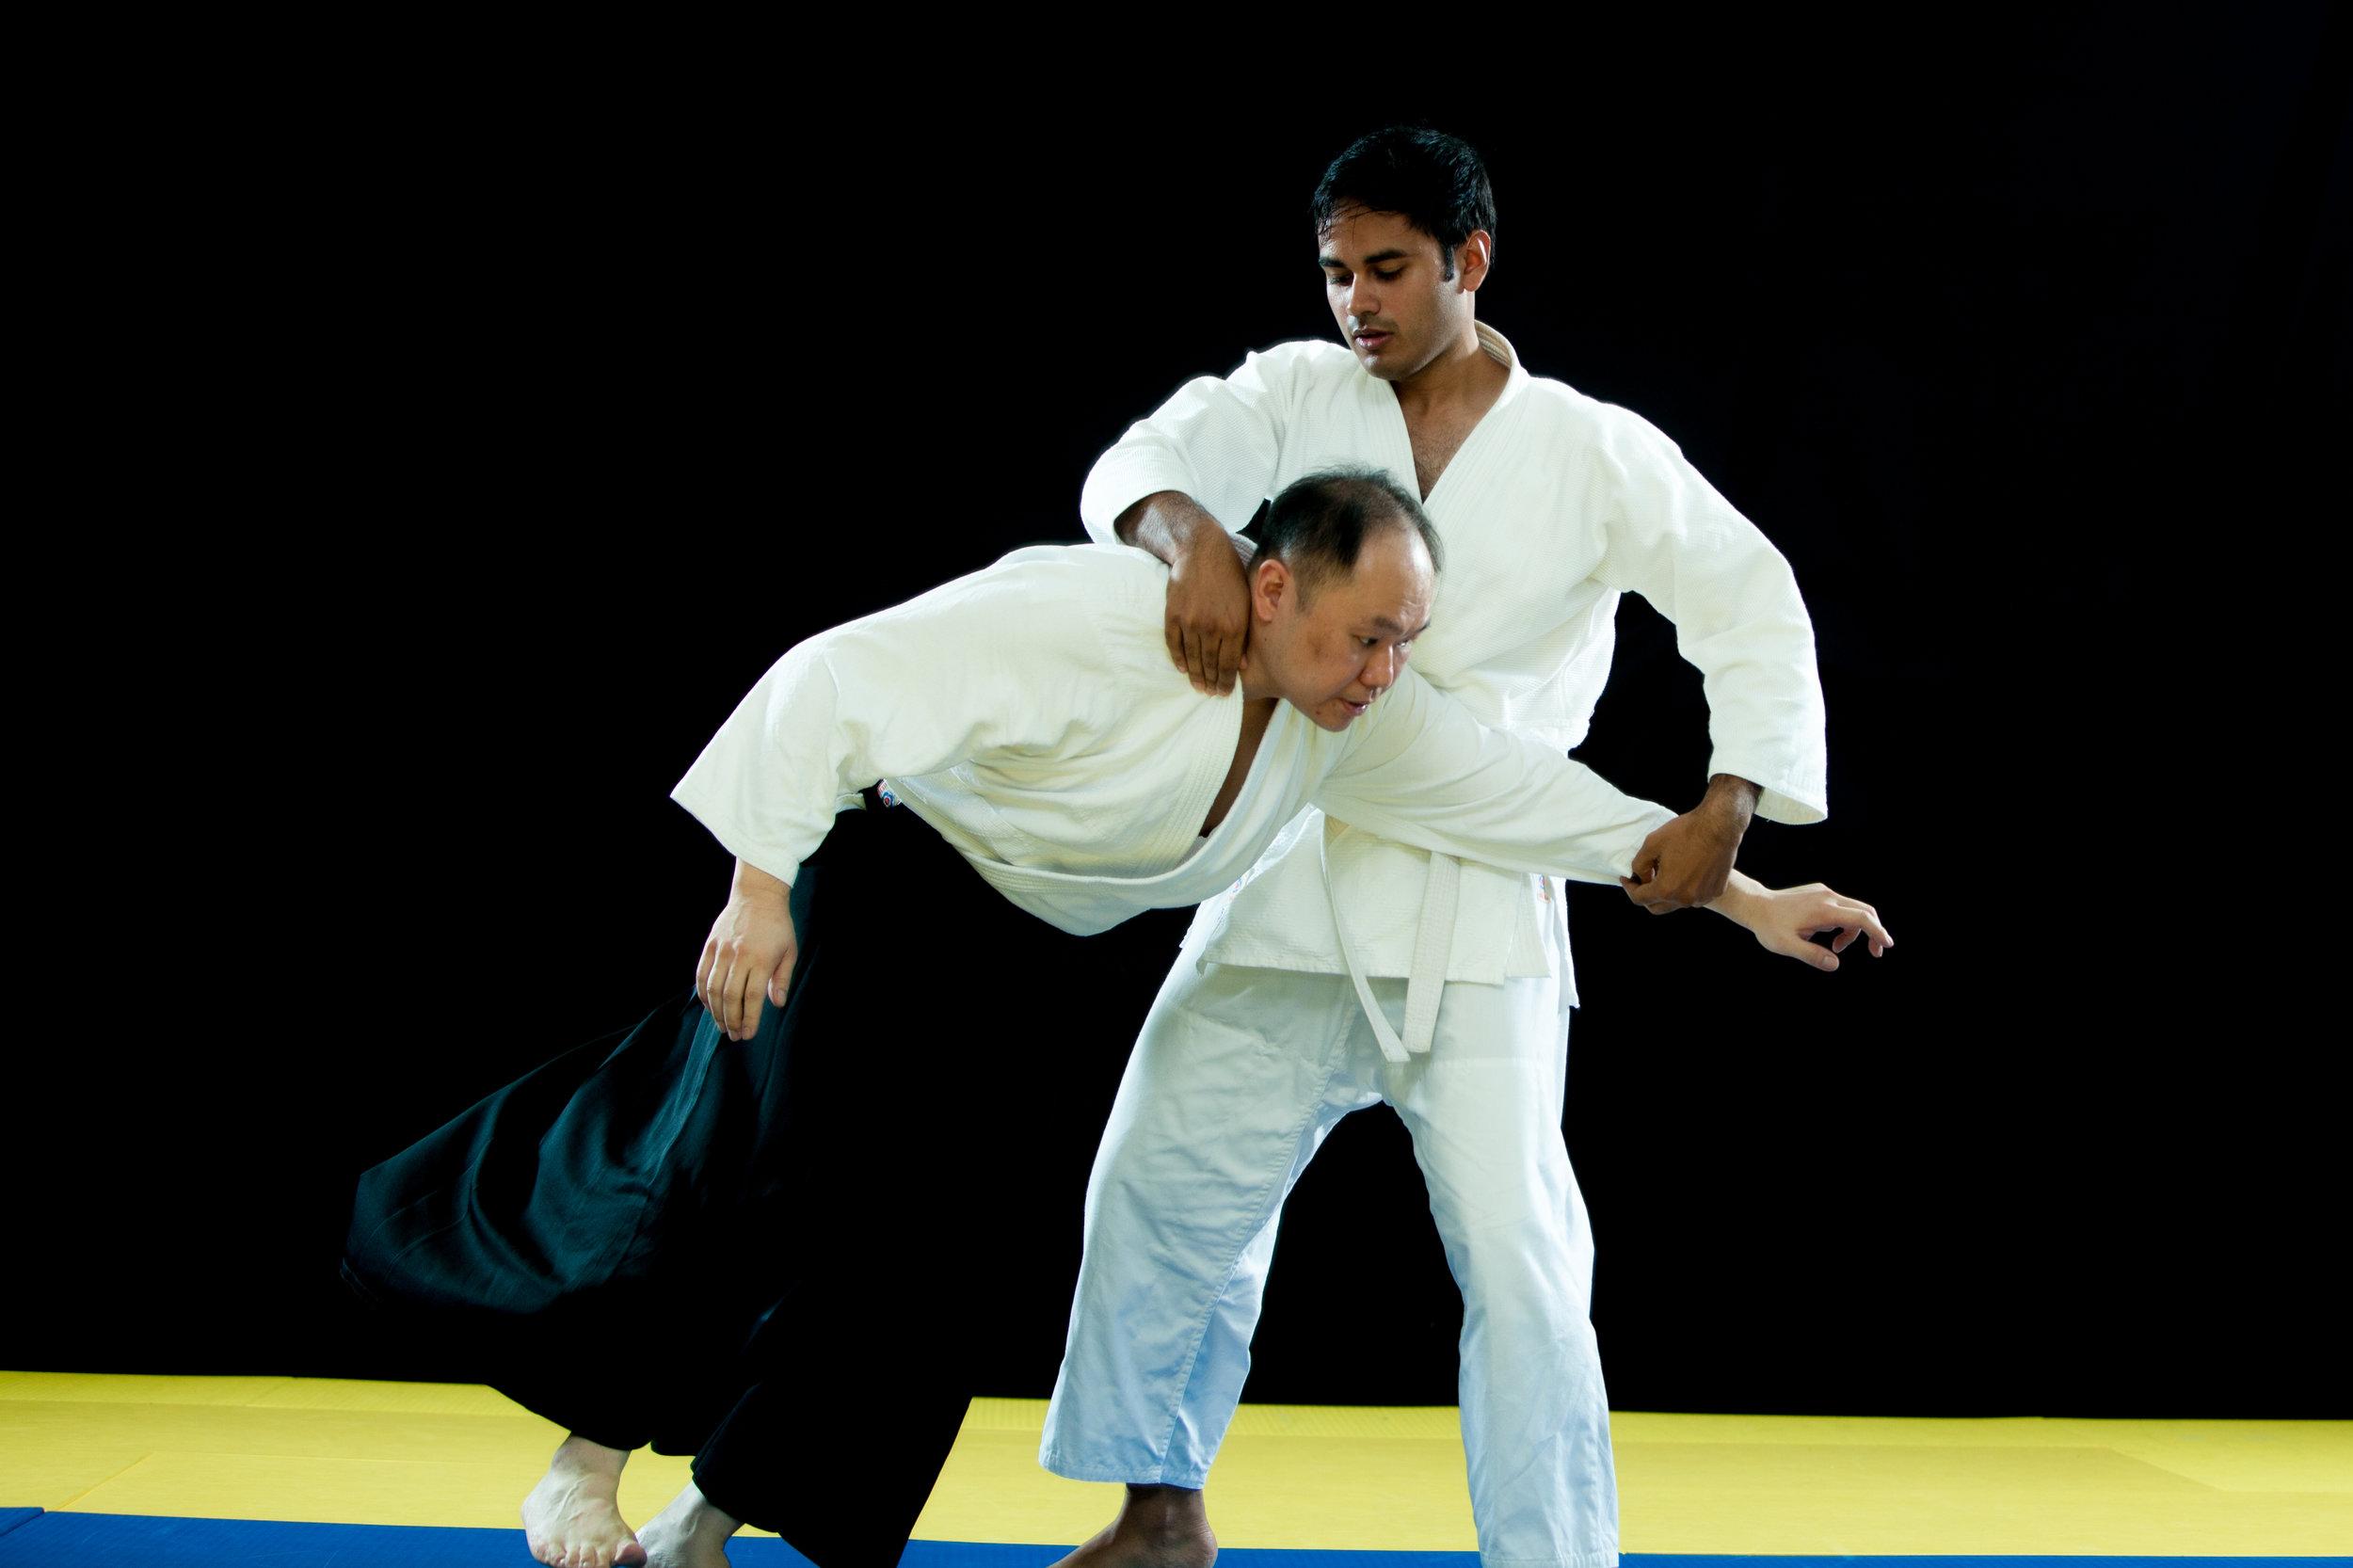 aikido-69.jpg